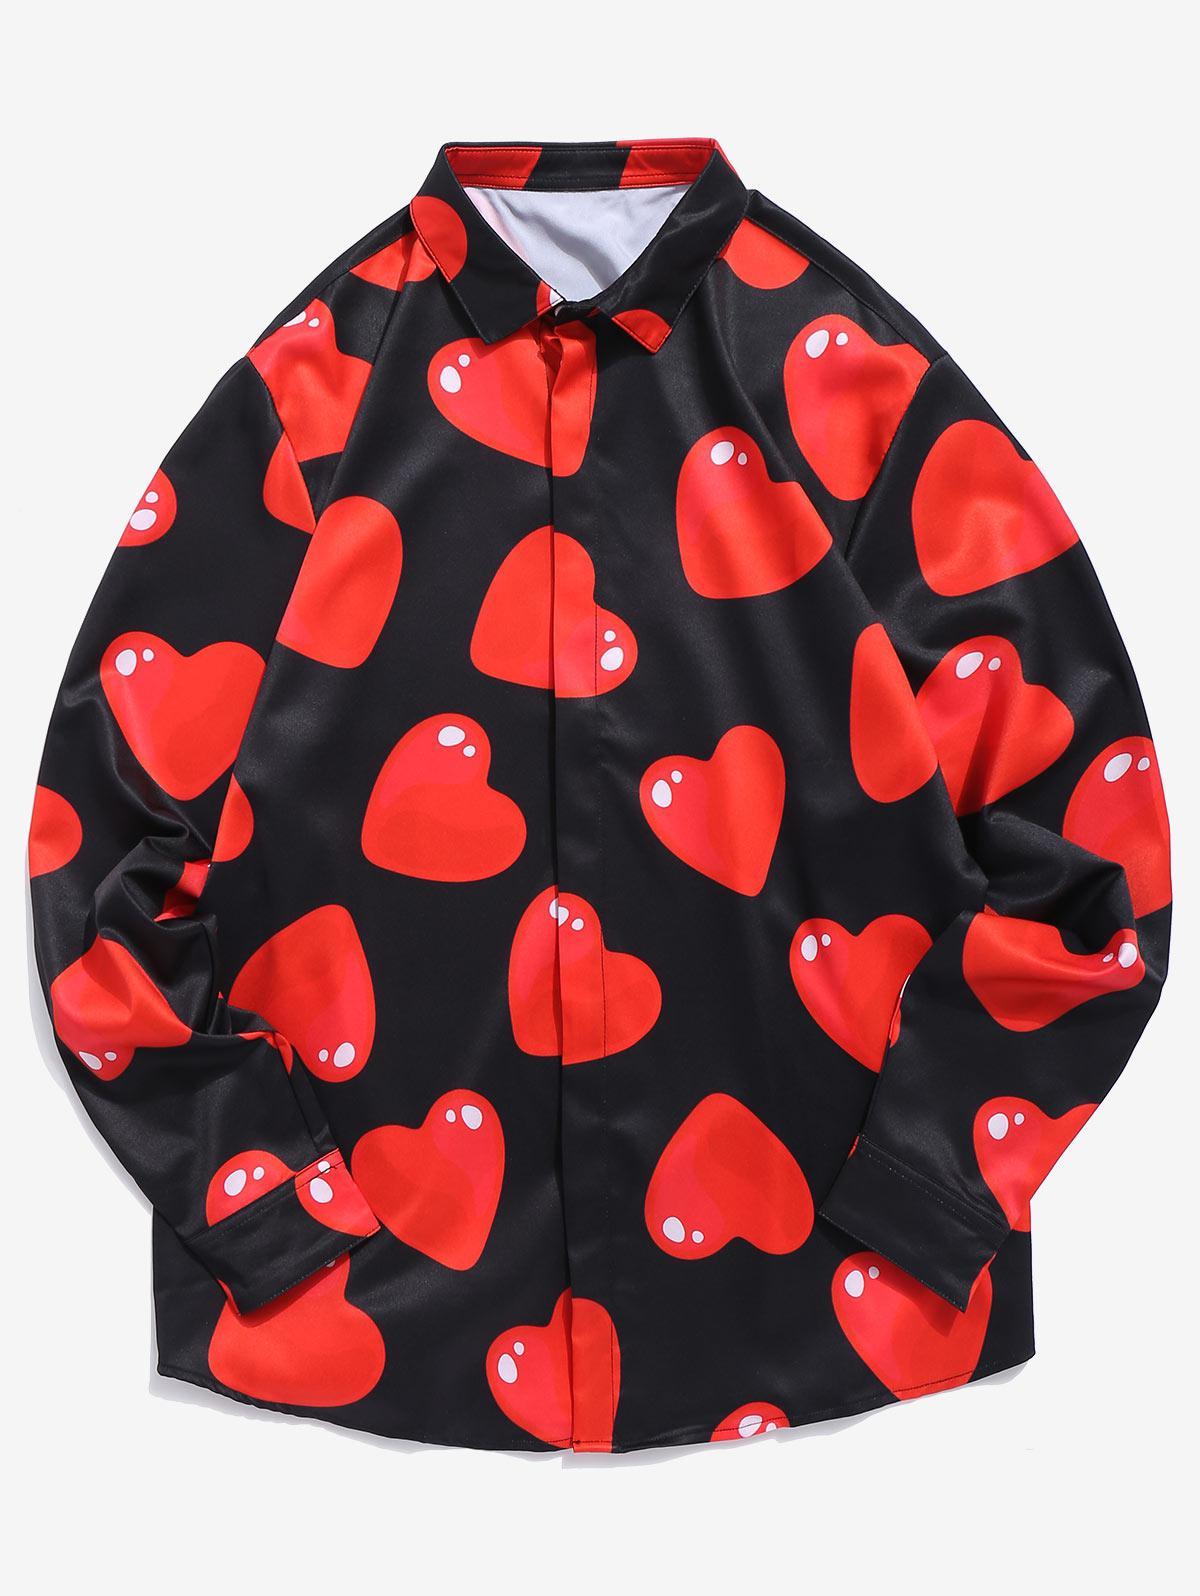 3D Red Love Heart Print Shirt